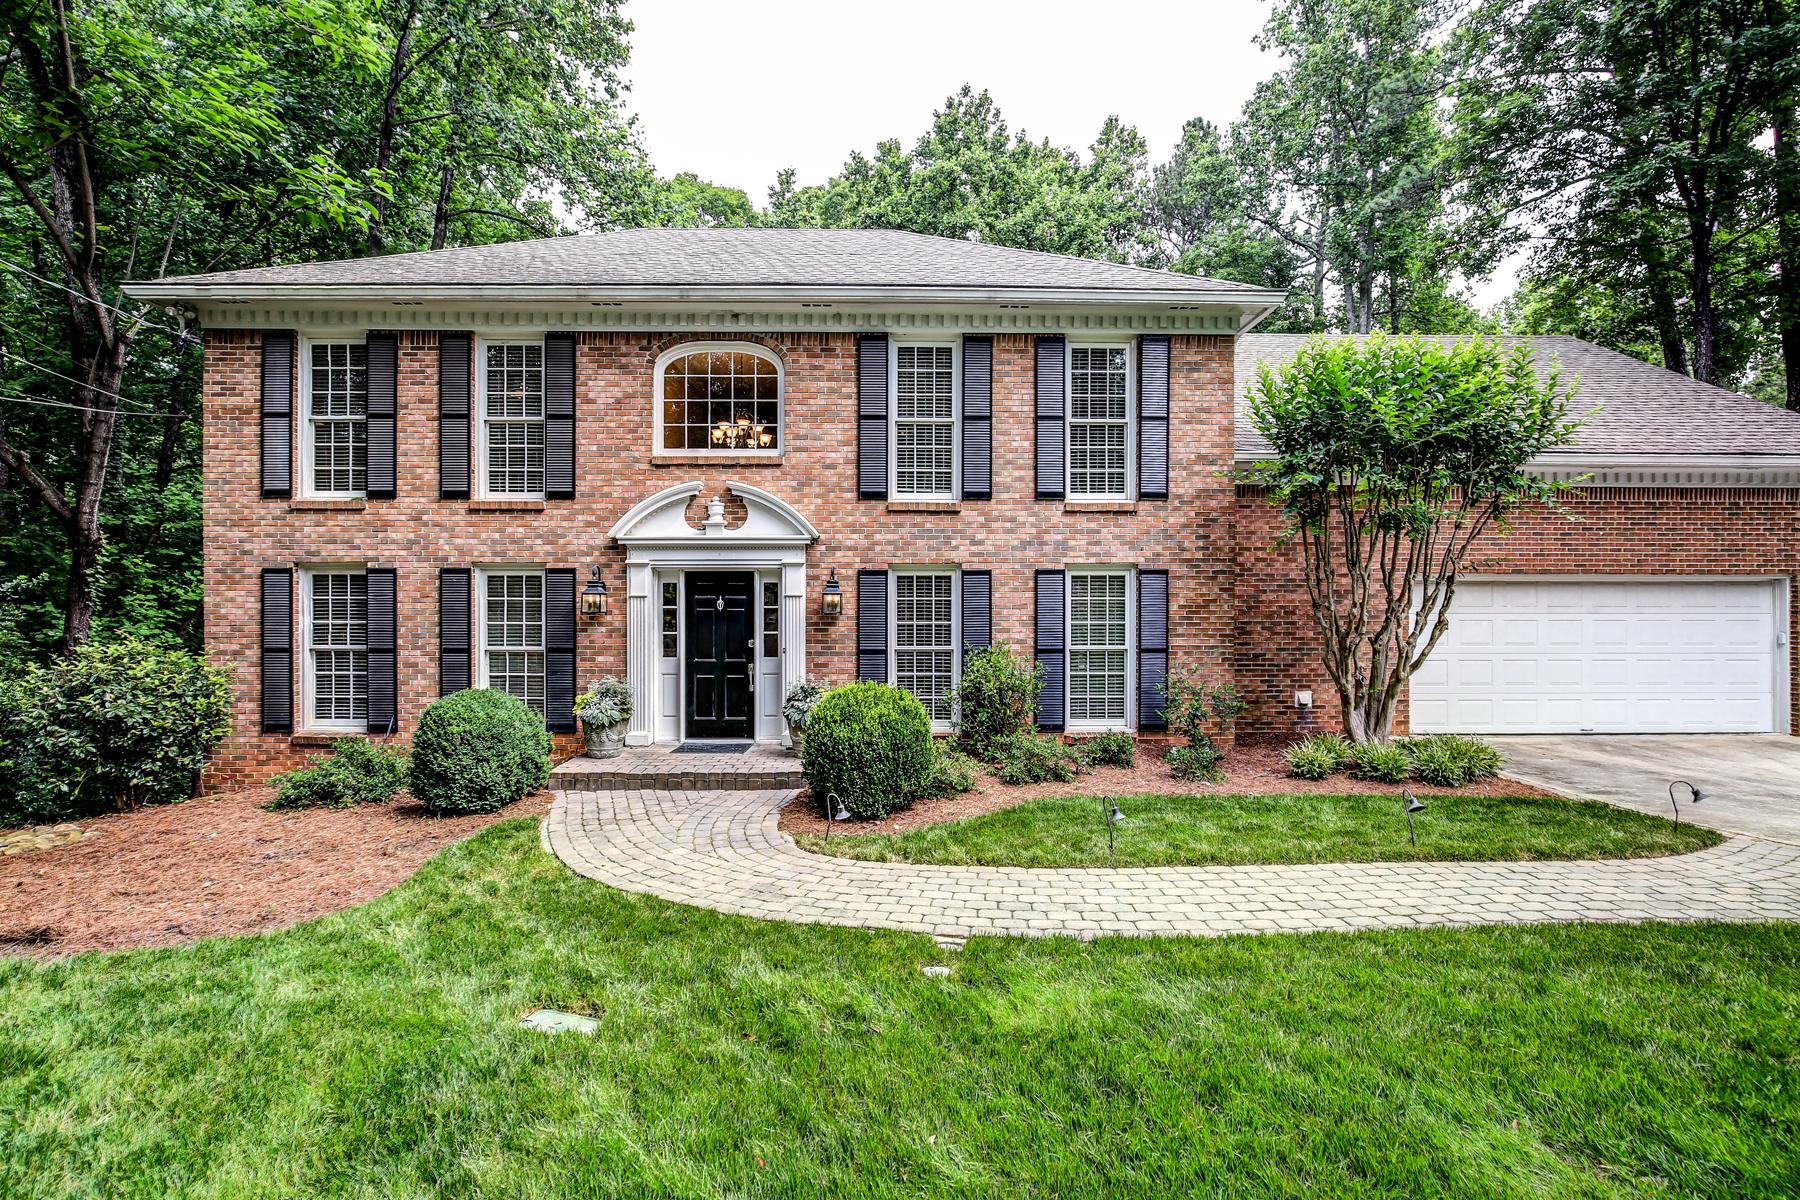 Maison unifamiliale pour l Vente à Gorgeous, Move-in Ready Chastain Park Cul-de-sac Home 85 Tall Pines Ct Chastain Park, Atlanta, Georgia, 30327 États-Unis